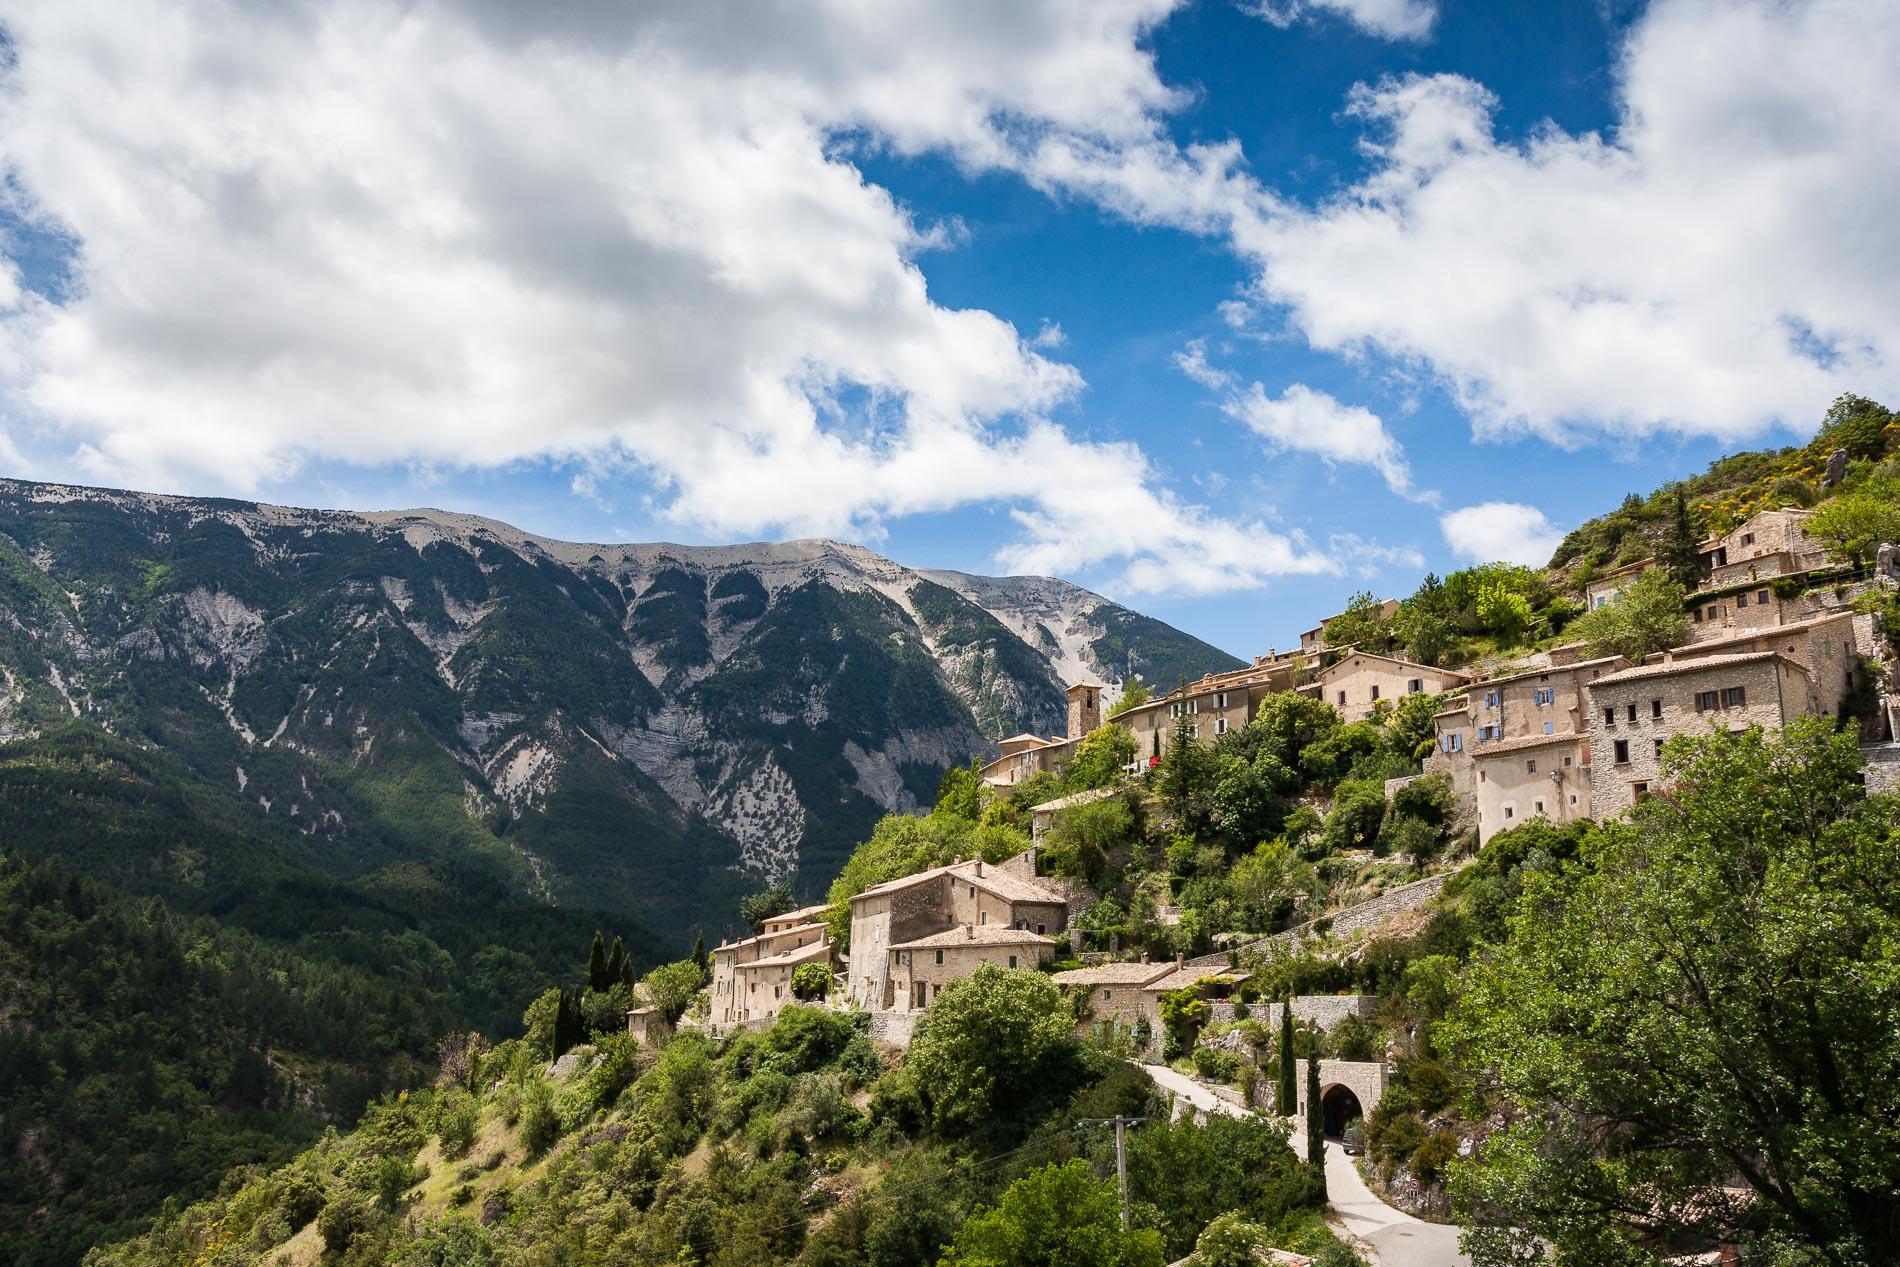 Le village de Brantes au pied du Mont Ventoux